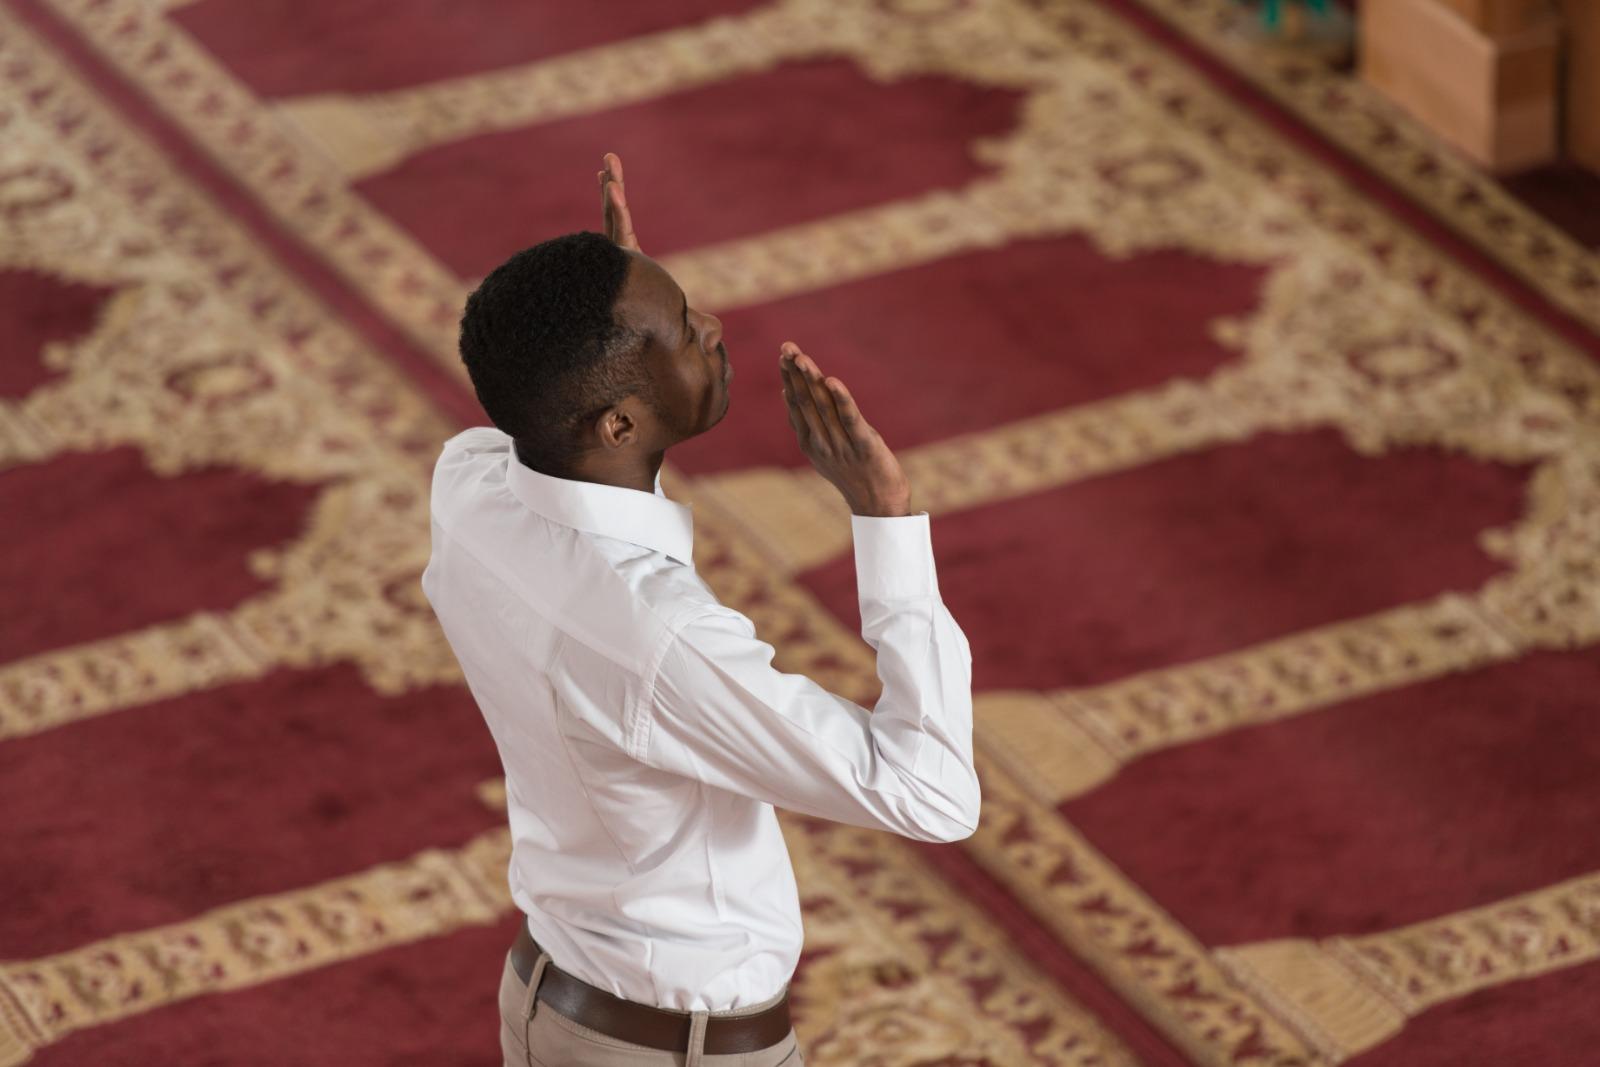 عبودية التكبير والاستفتاح في الصلاة